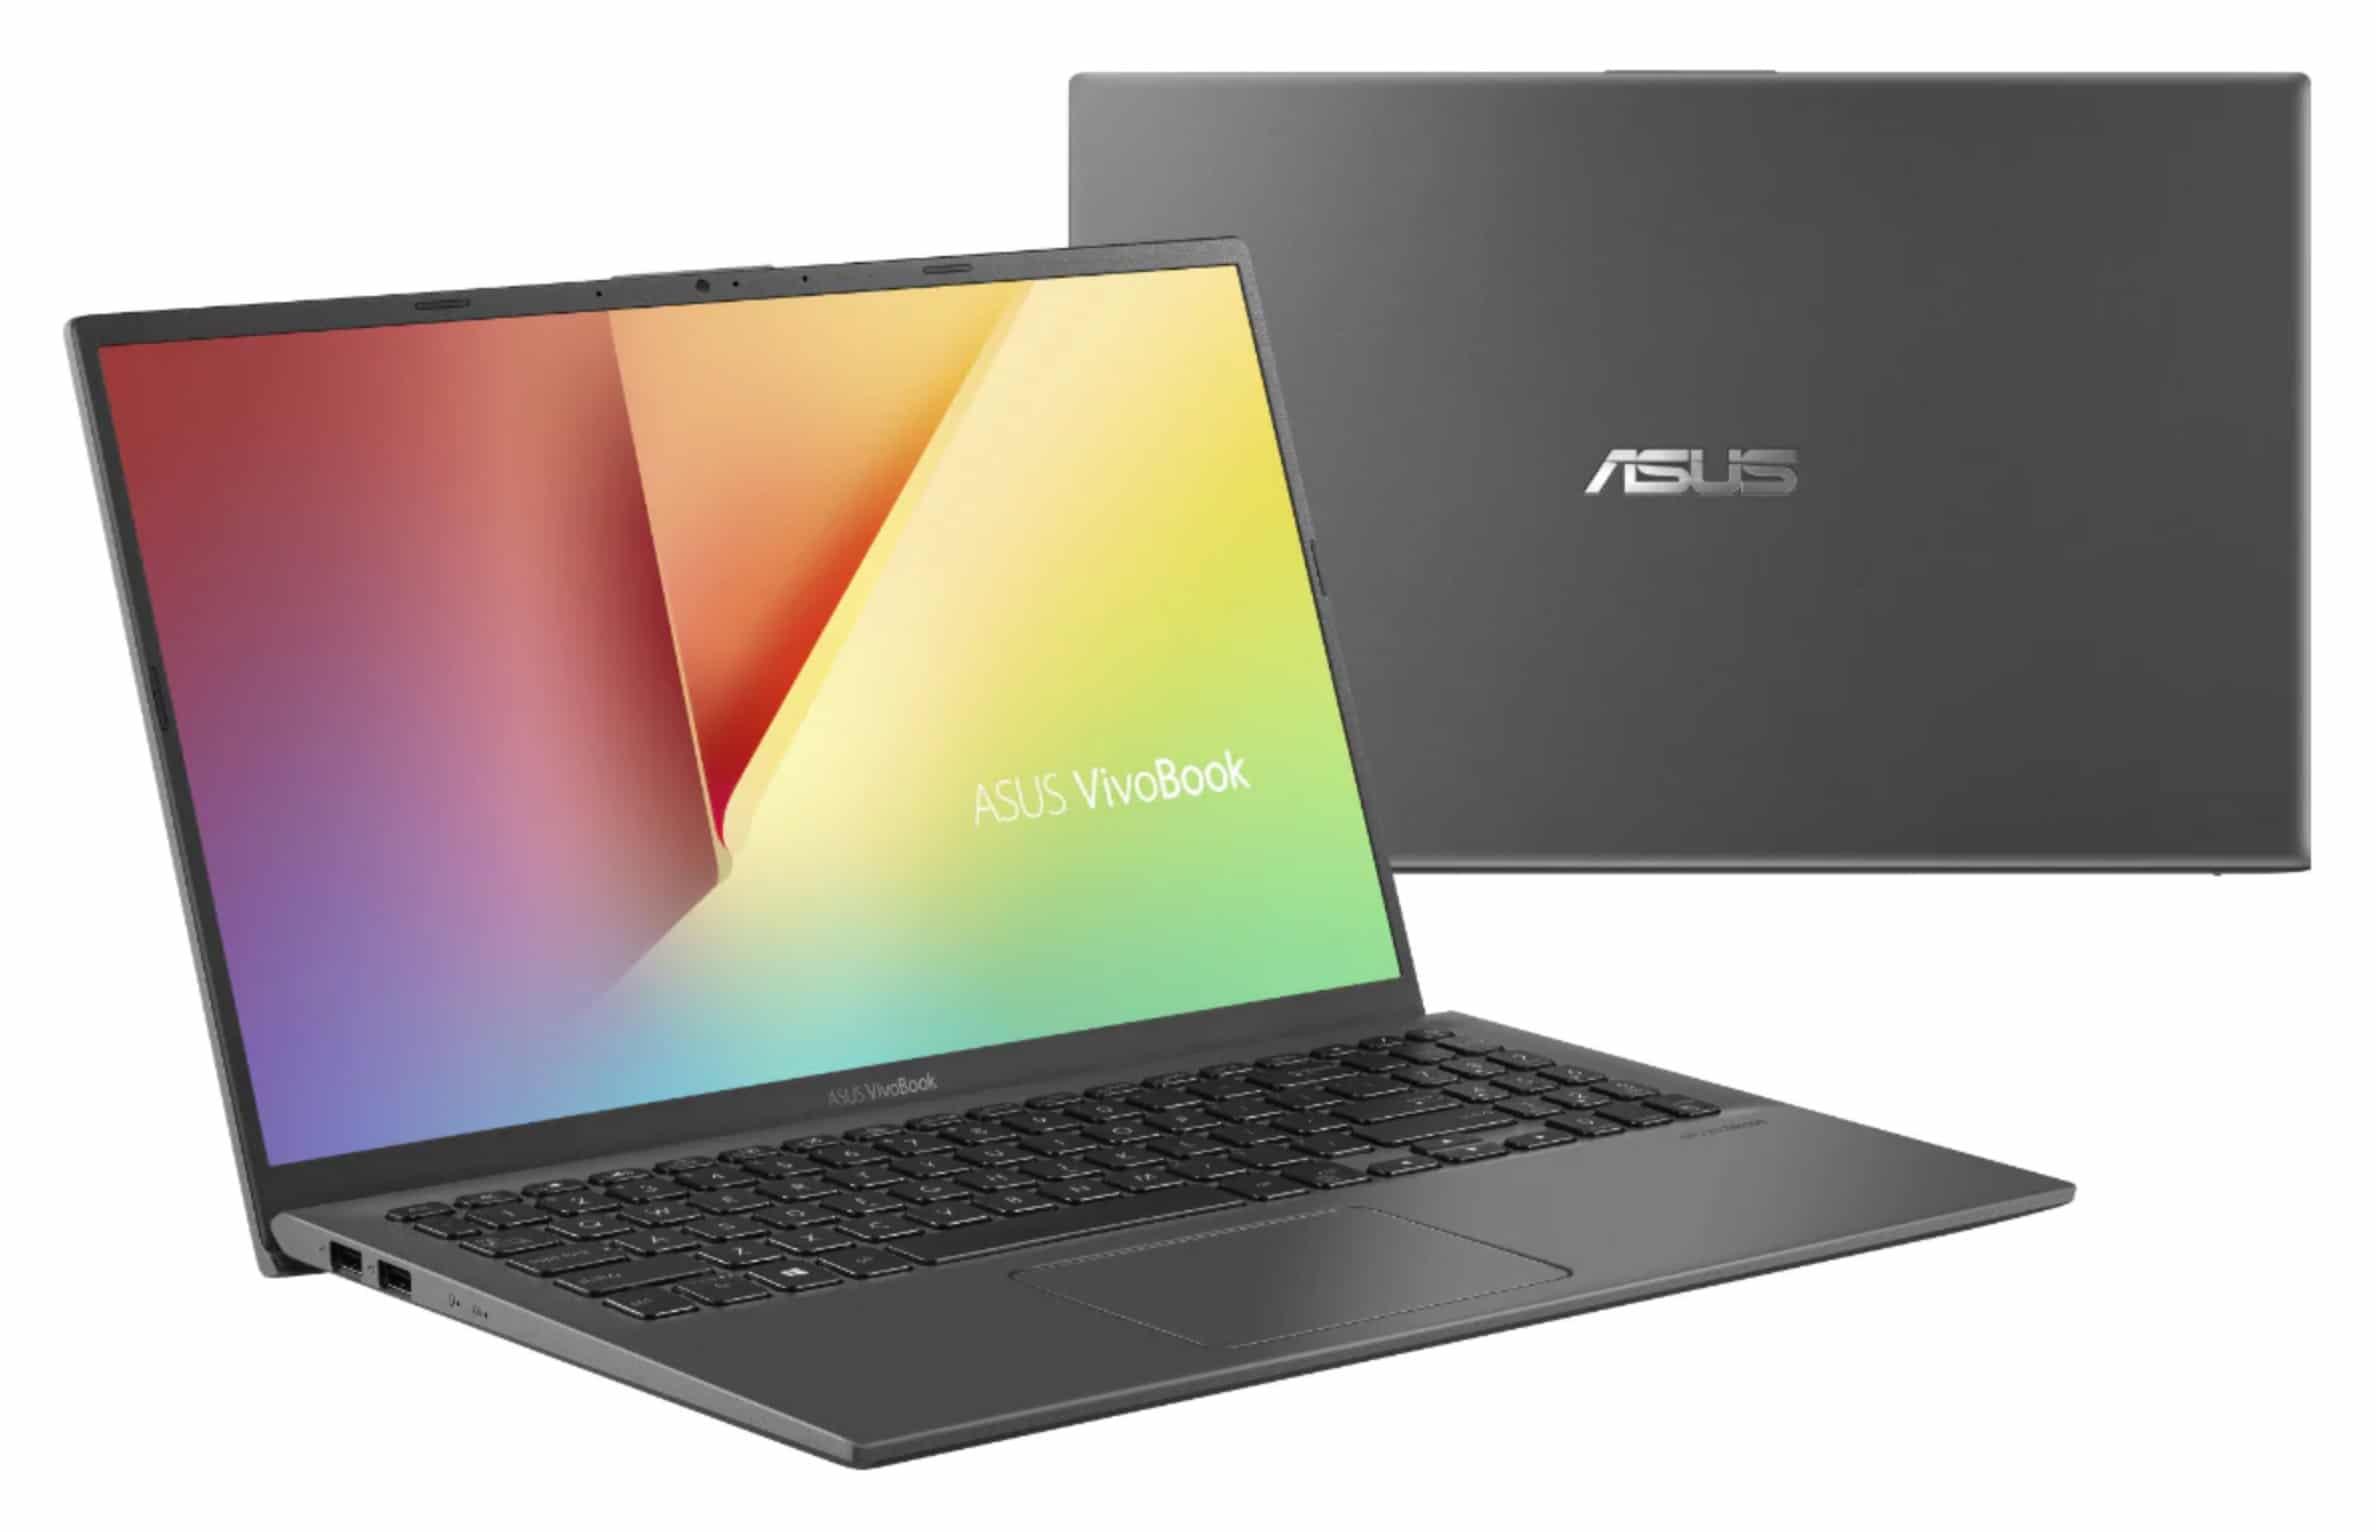 Revue de presse des tests publiés sur le Web (Asus VivoBook 15 S512 / X512)